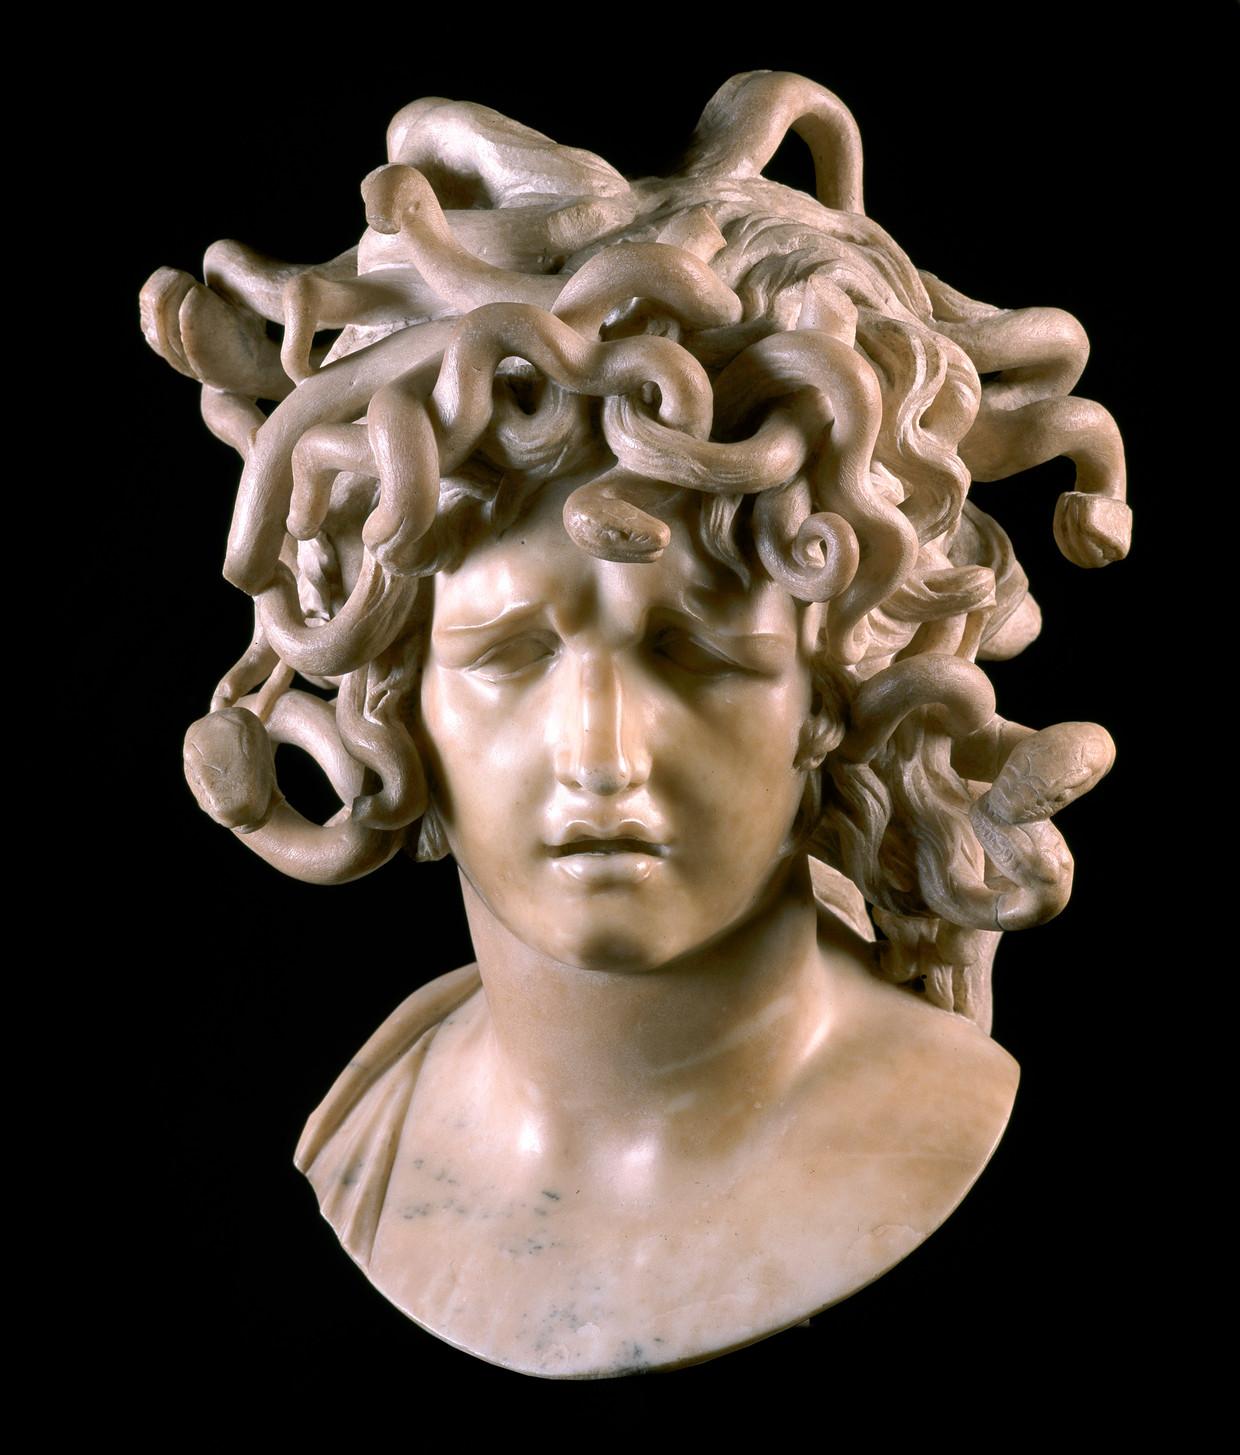 Het Medusa-hoofd van Gian Lorenzo Bernini (rond 1640), in bruikleen van de Musei Capitolini.